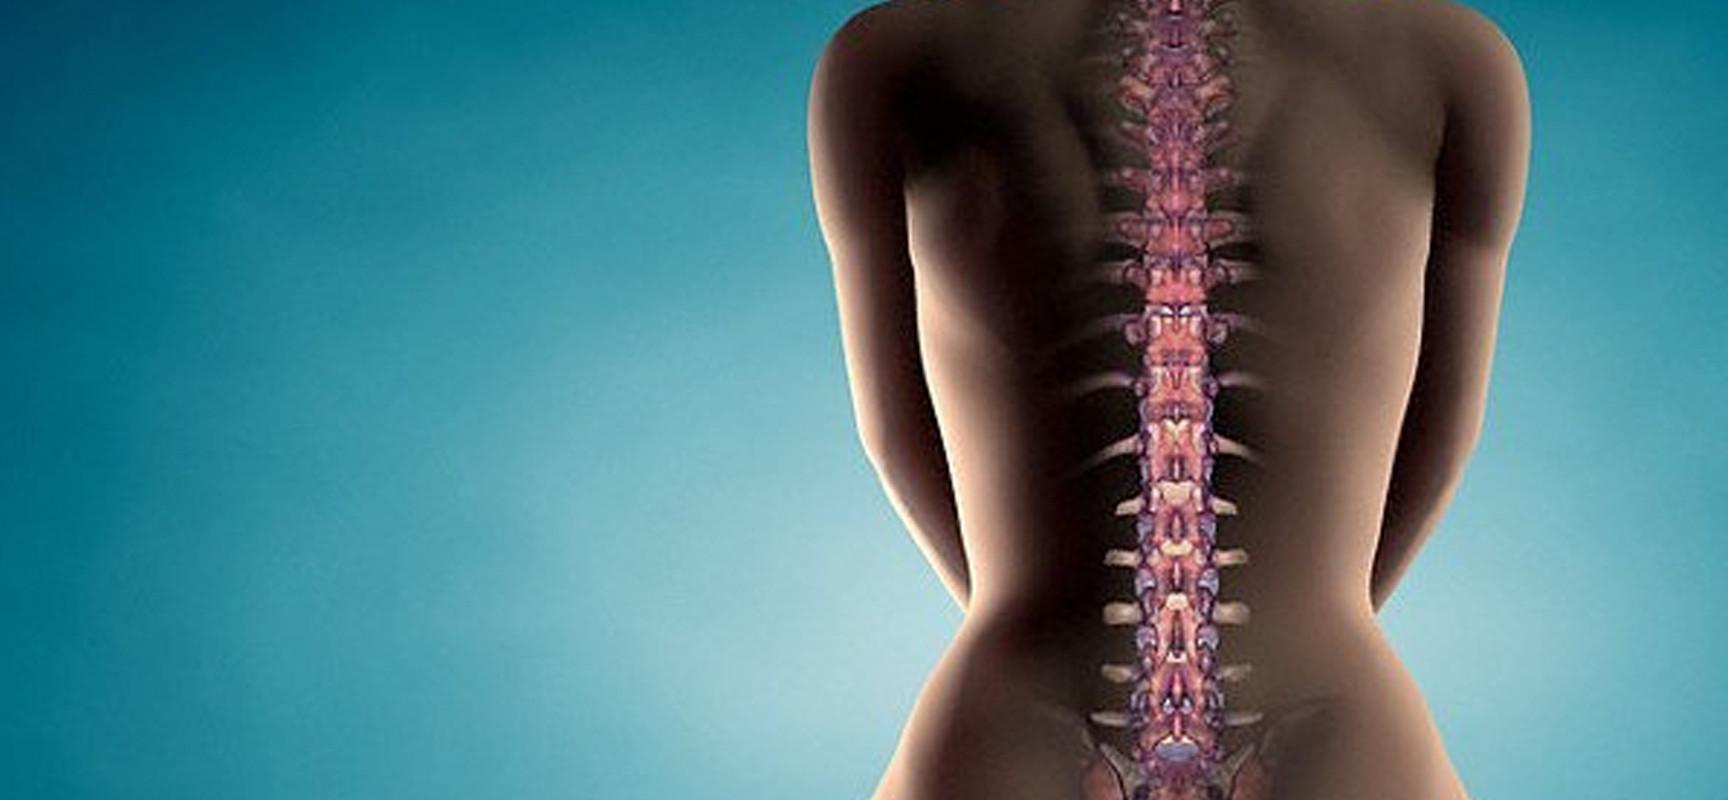 Ортопедо-нейрохирургическая тактика при метастатических поражениях позвоночника